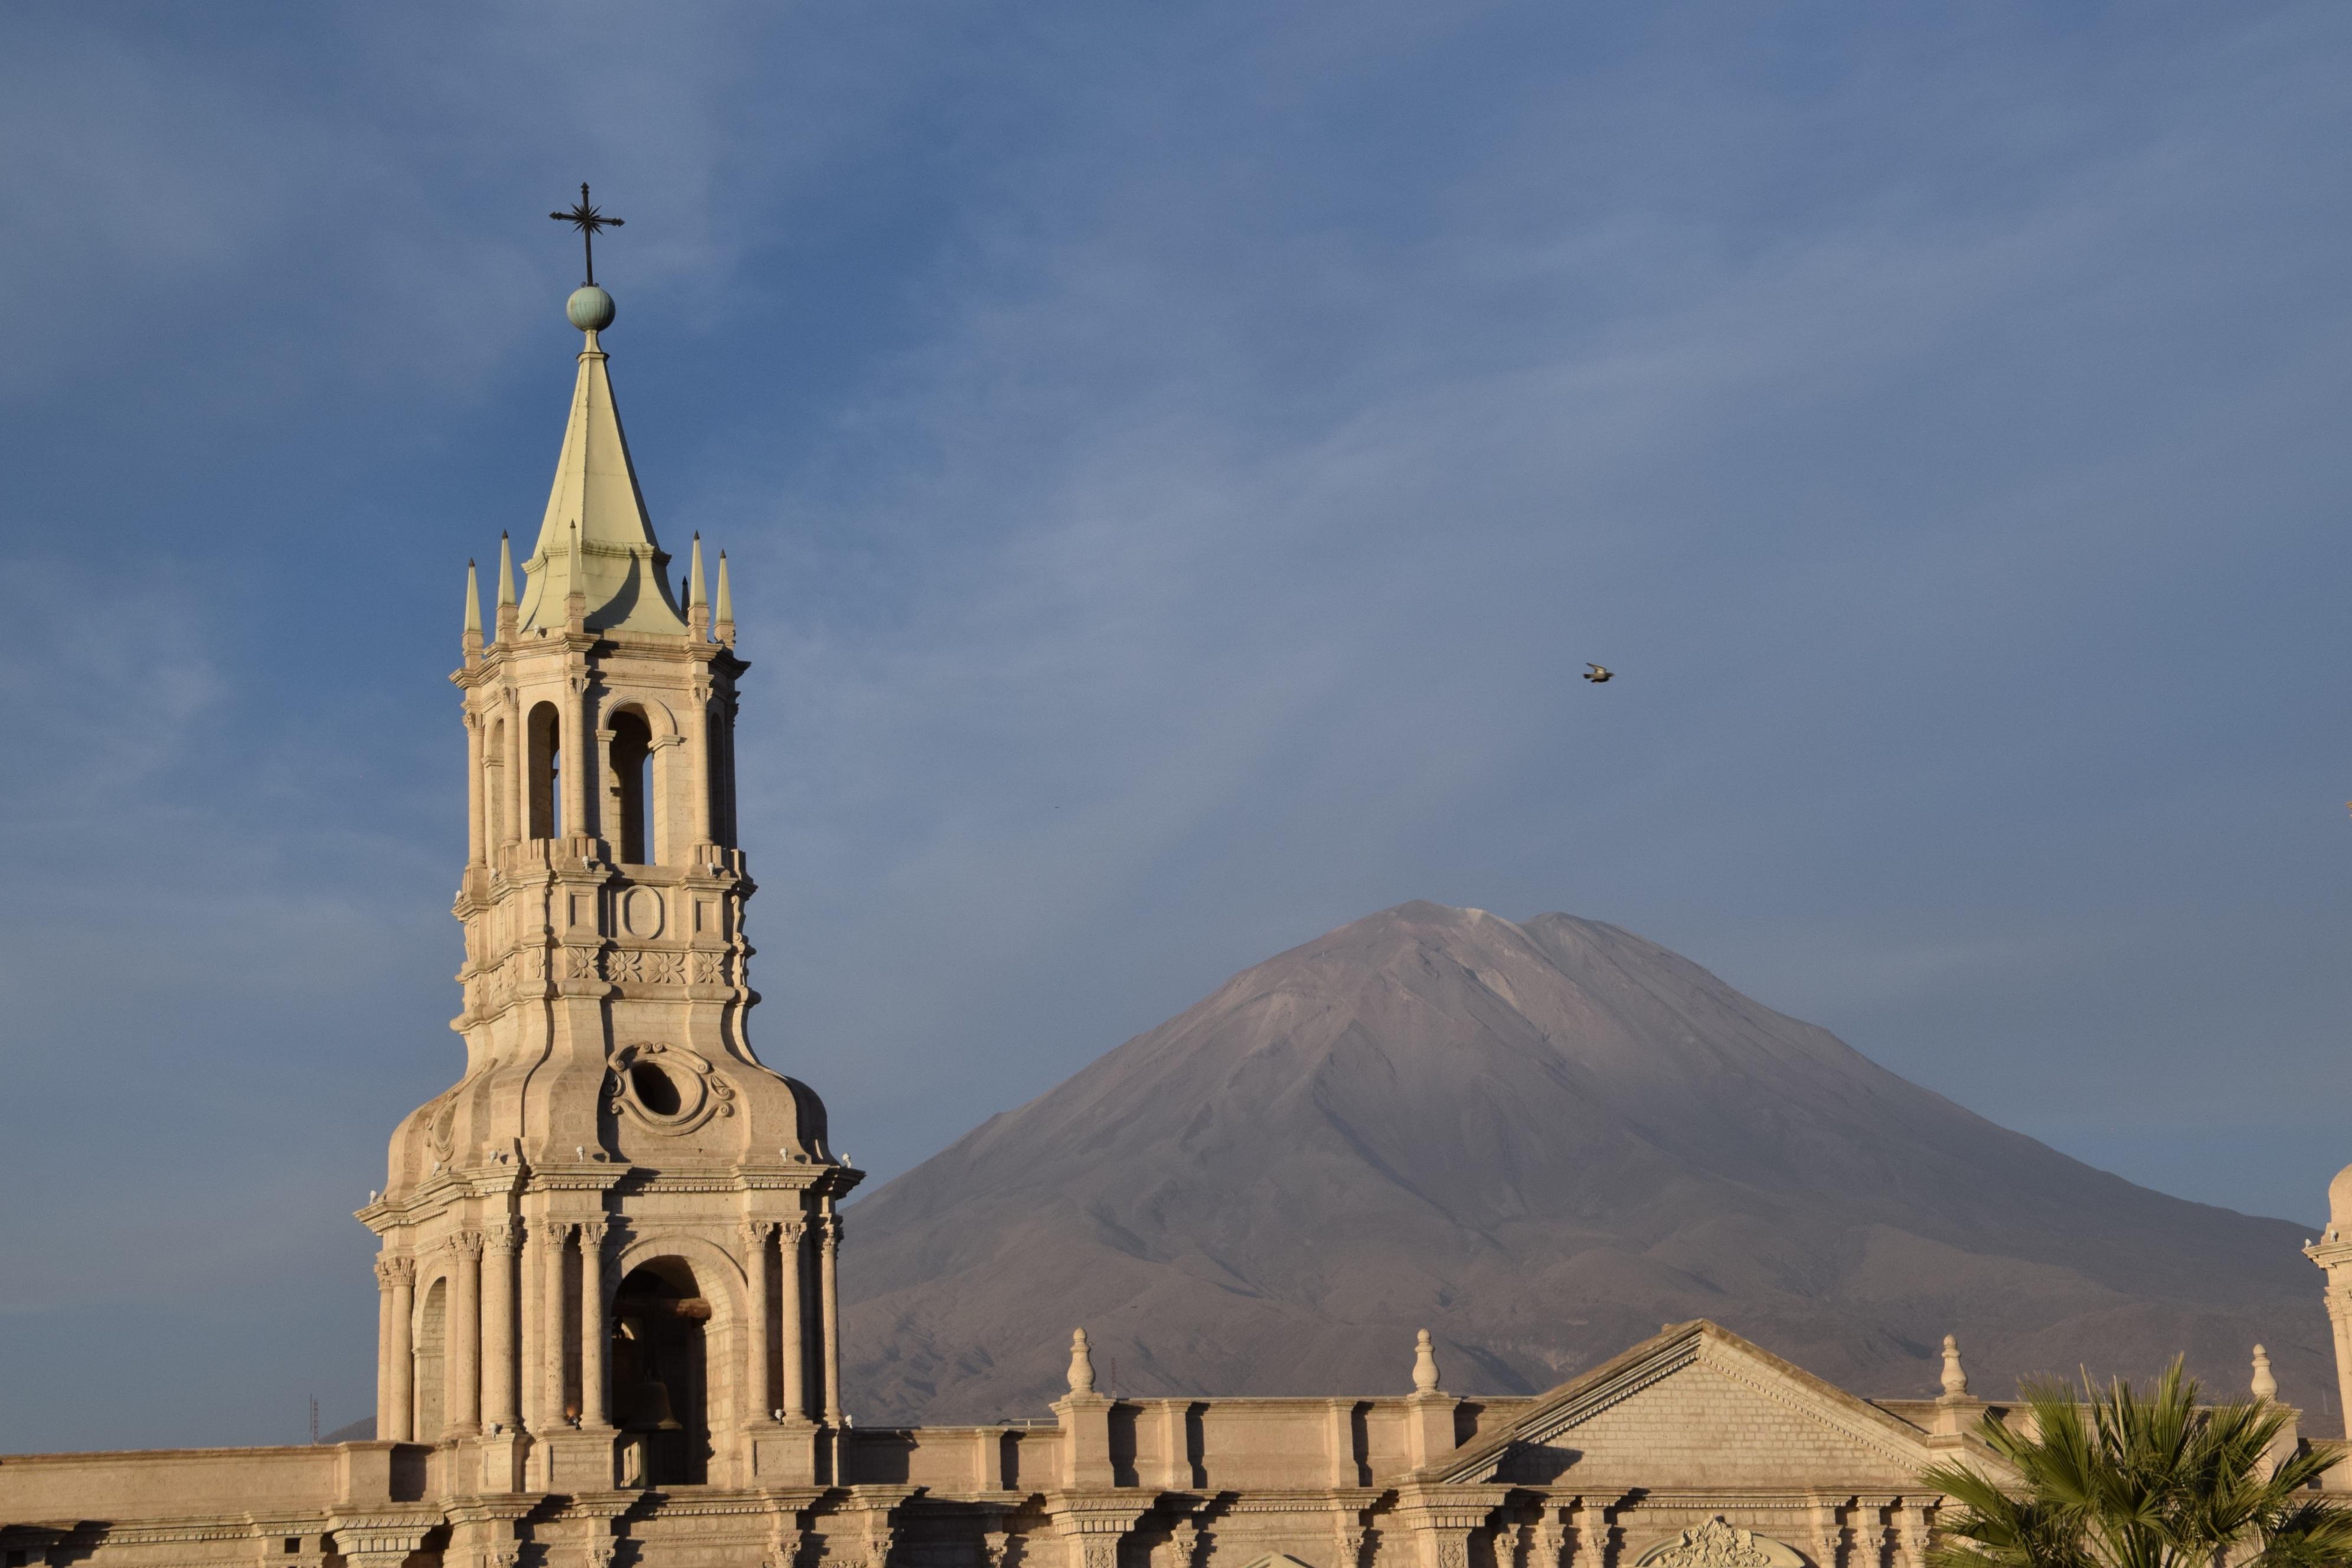 Katedralens tårn og El Misti